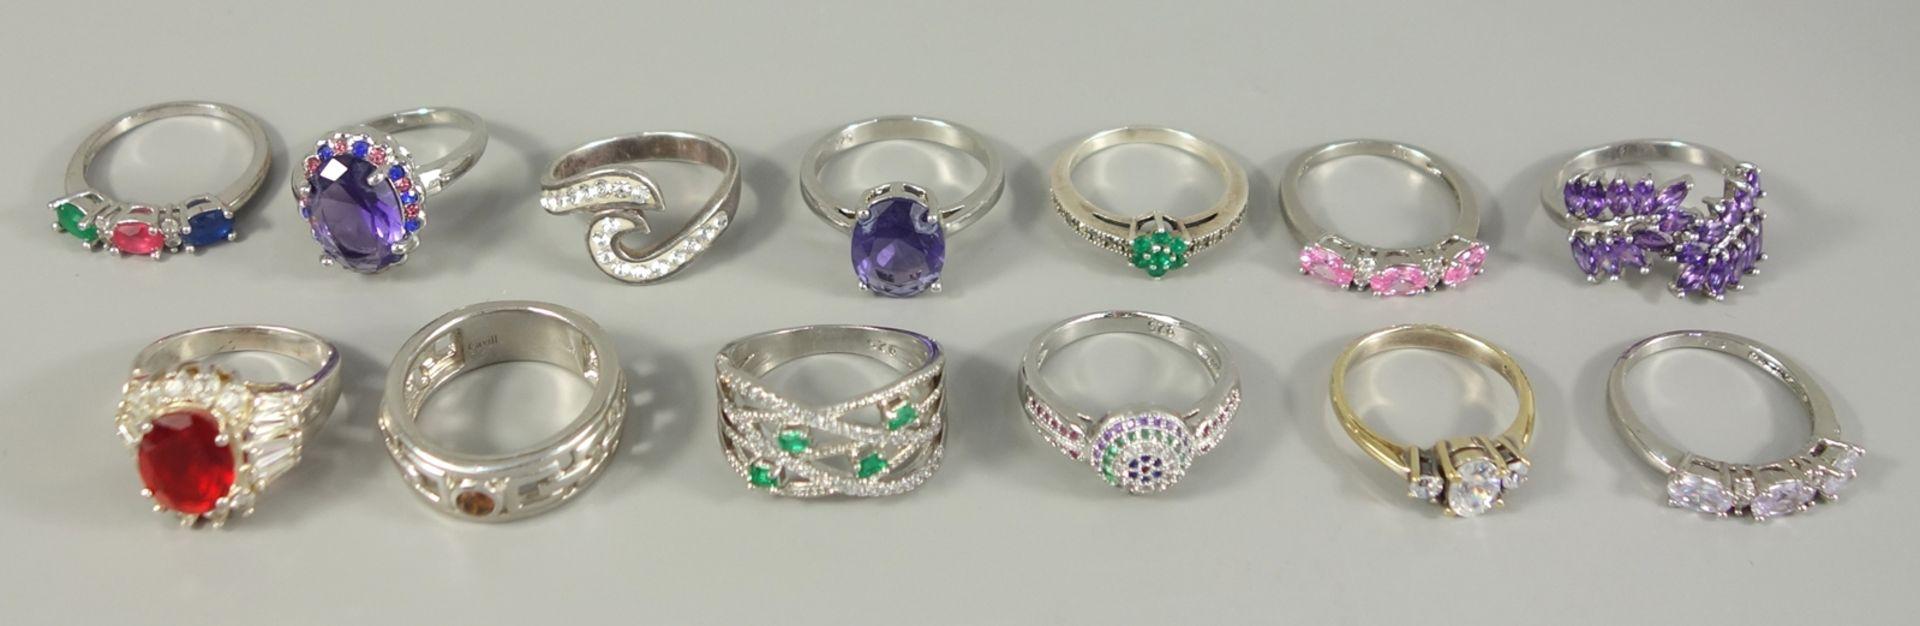 13 Ringe mit Steinbesatz, 925er Silber, Gew.52,93g, 1* dabei Silber/vergoldet; unterschiedliche,